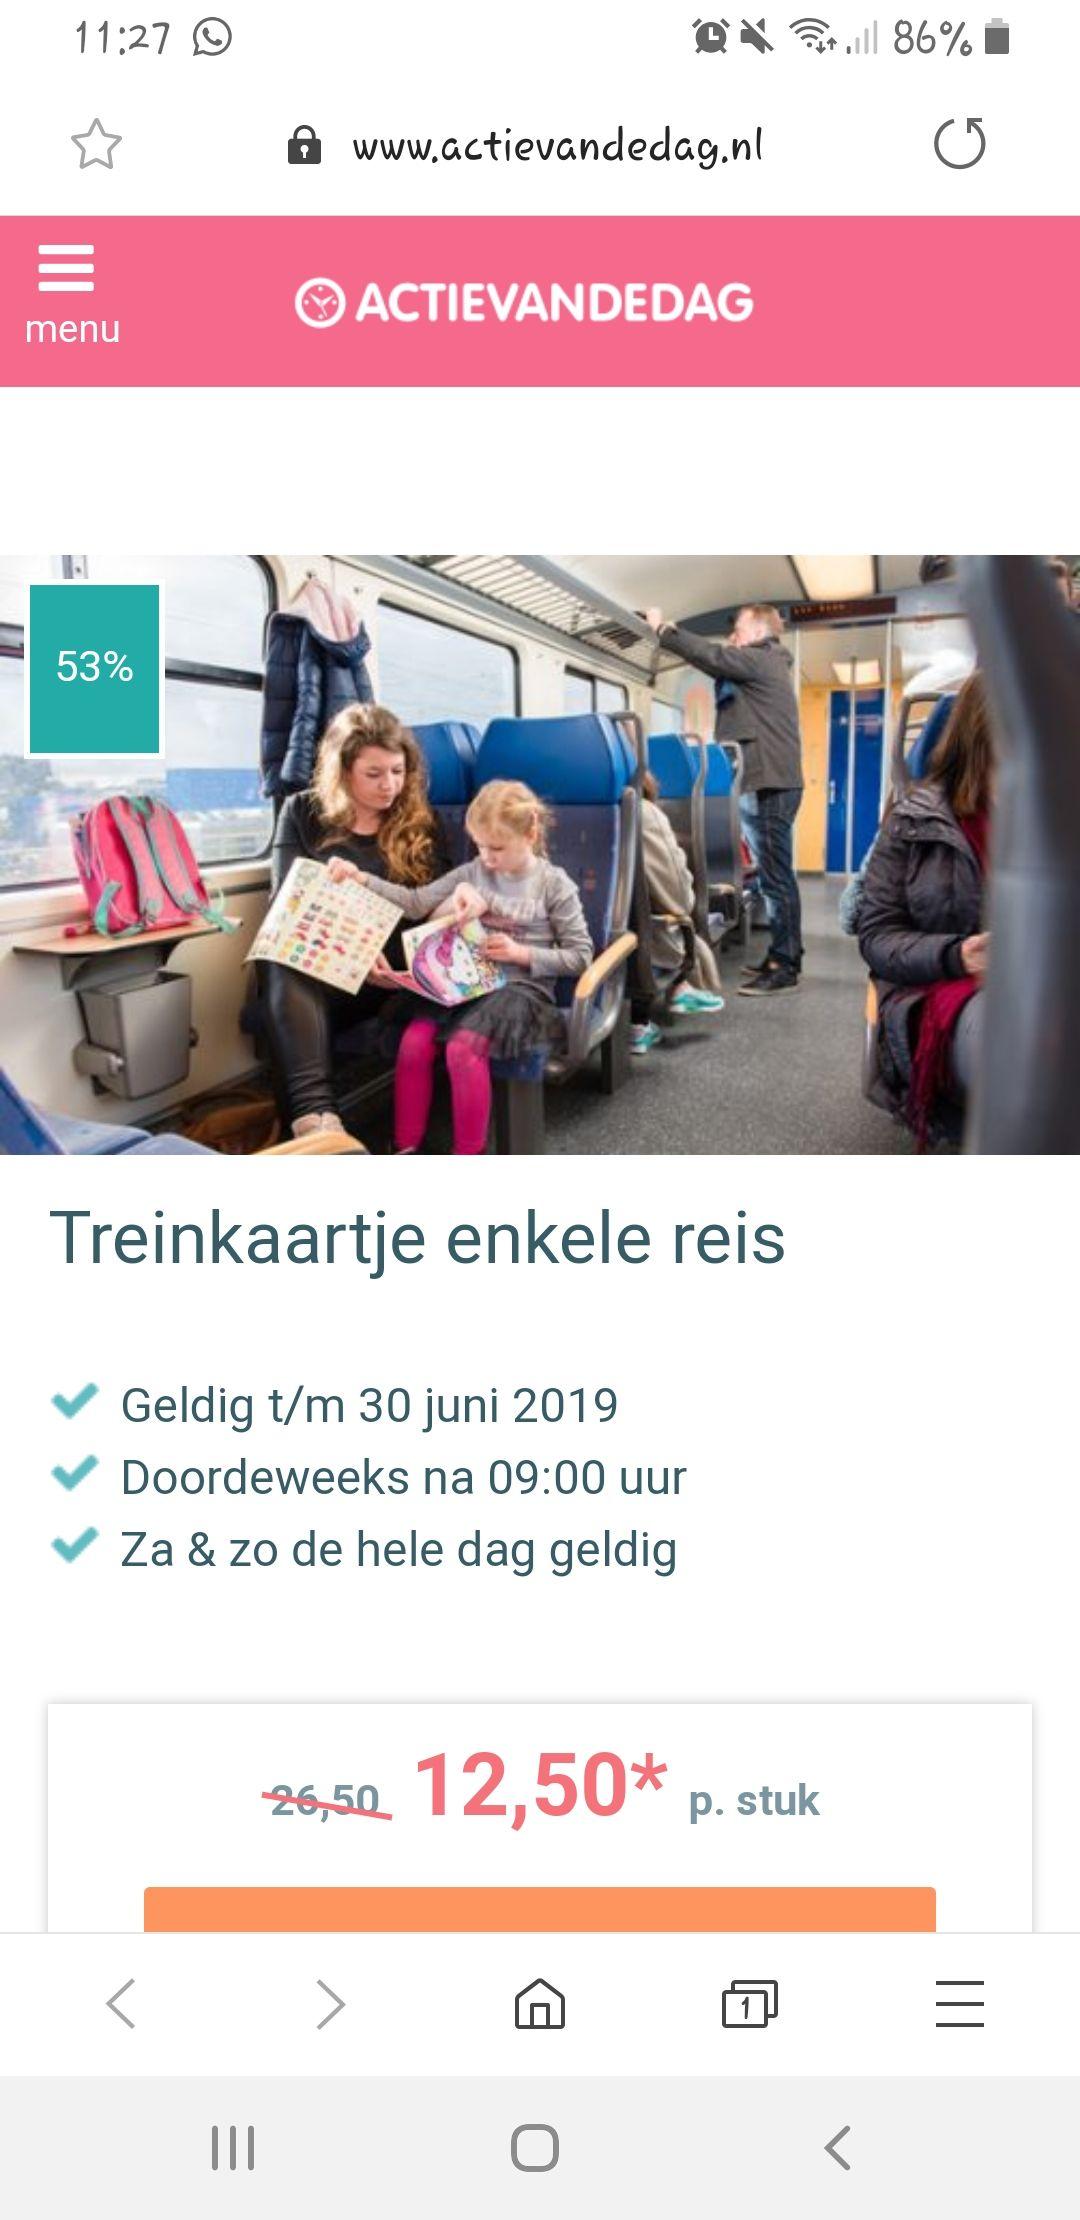 NS €12,50 enkele reis van en naar eigen bestemming